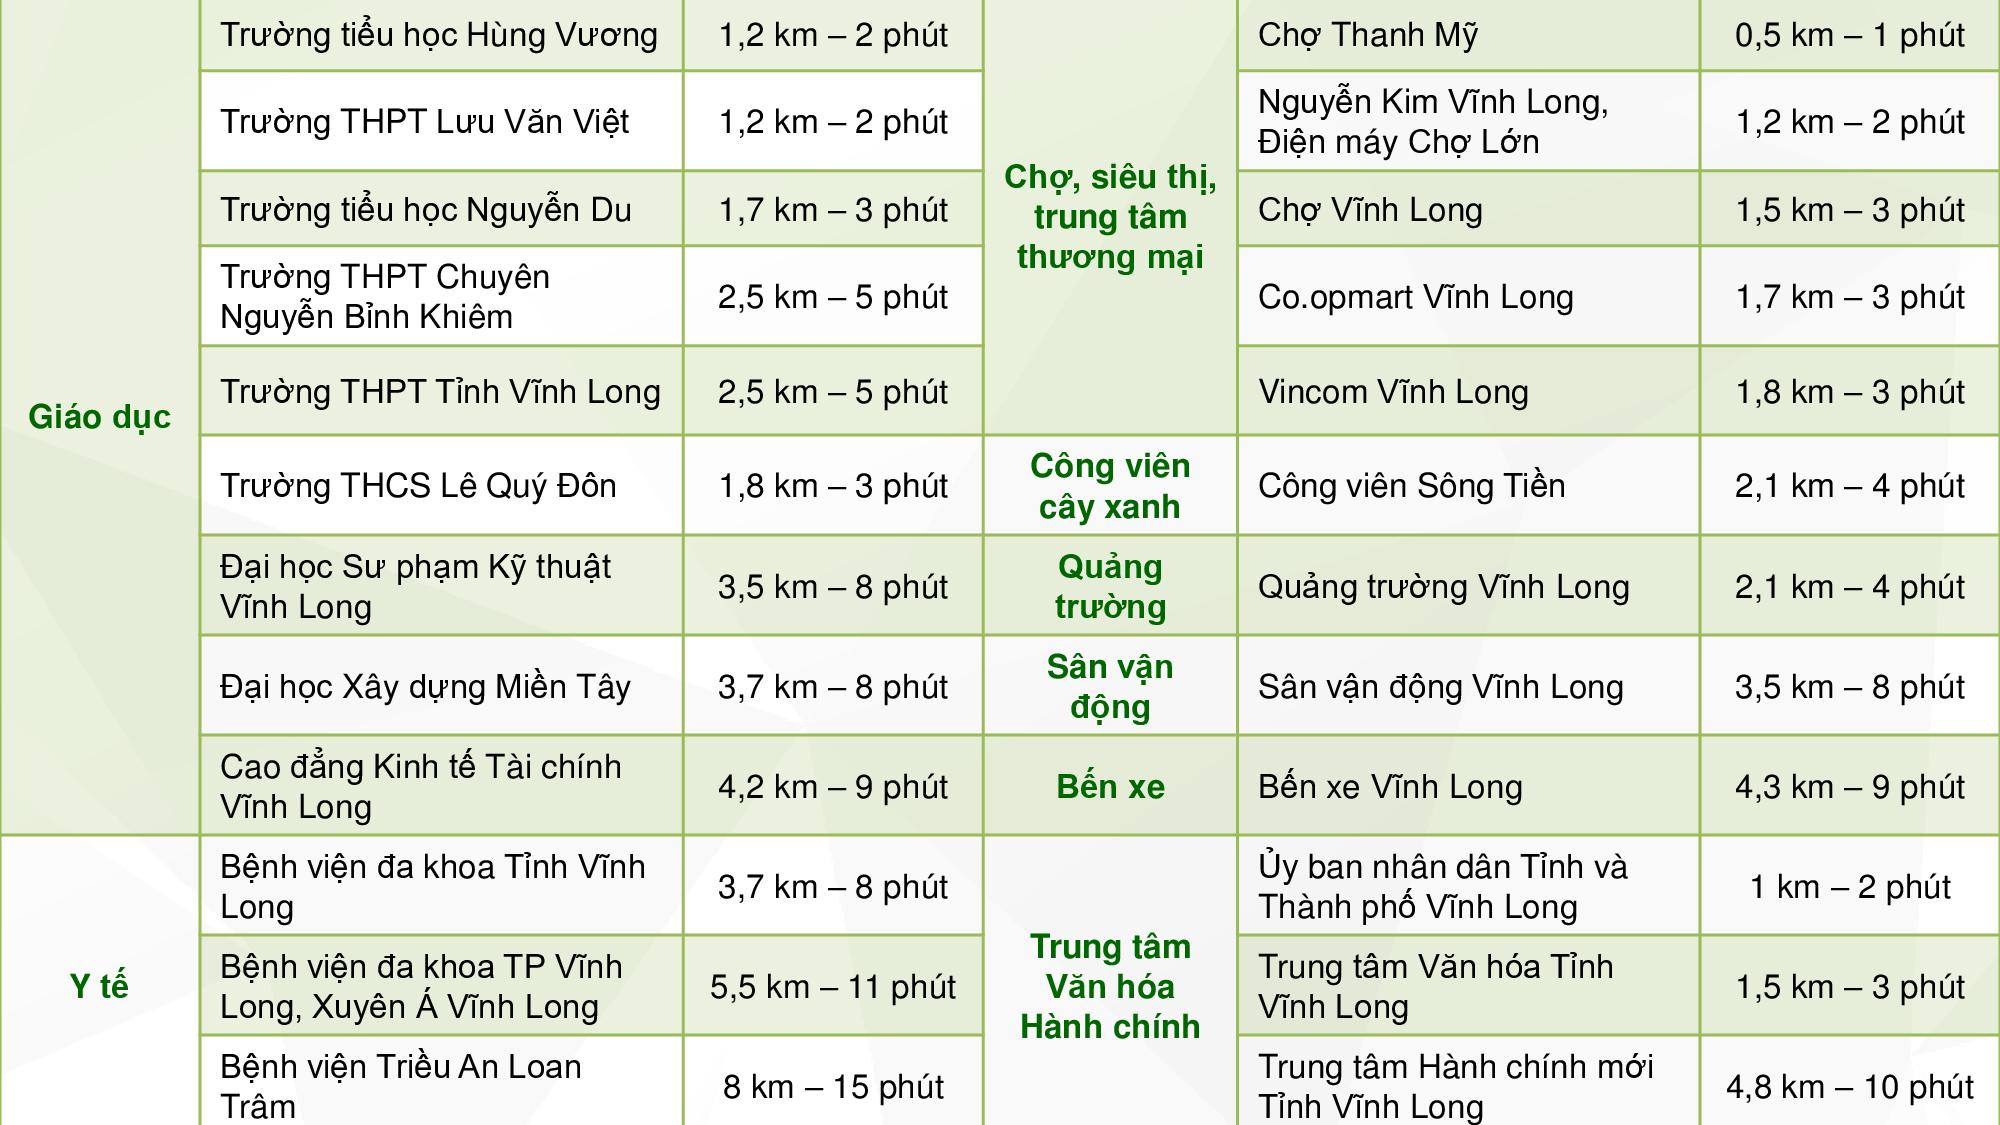 Tiện ích ngoại khu dự án Vinh Long New Town